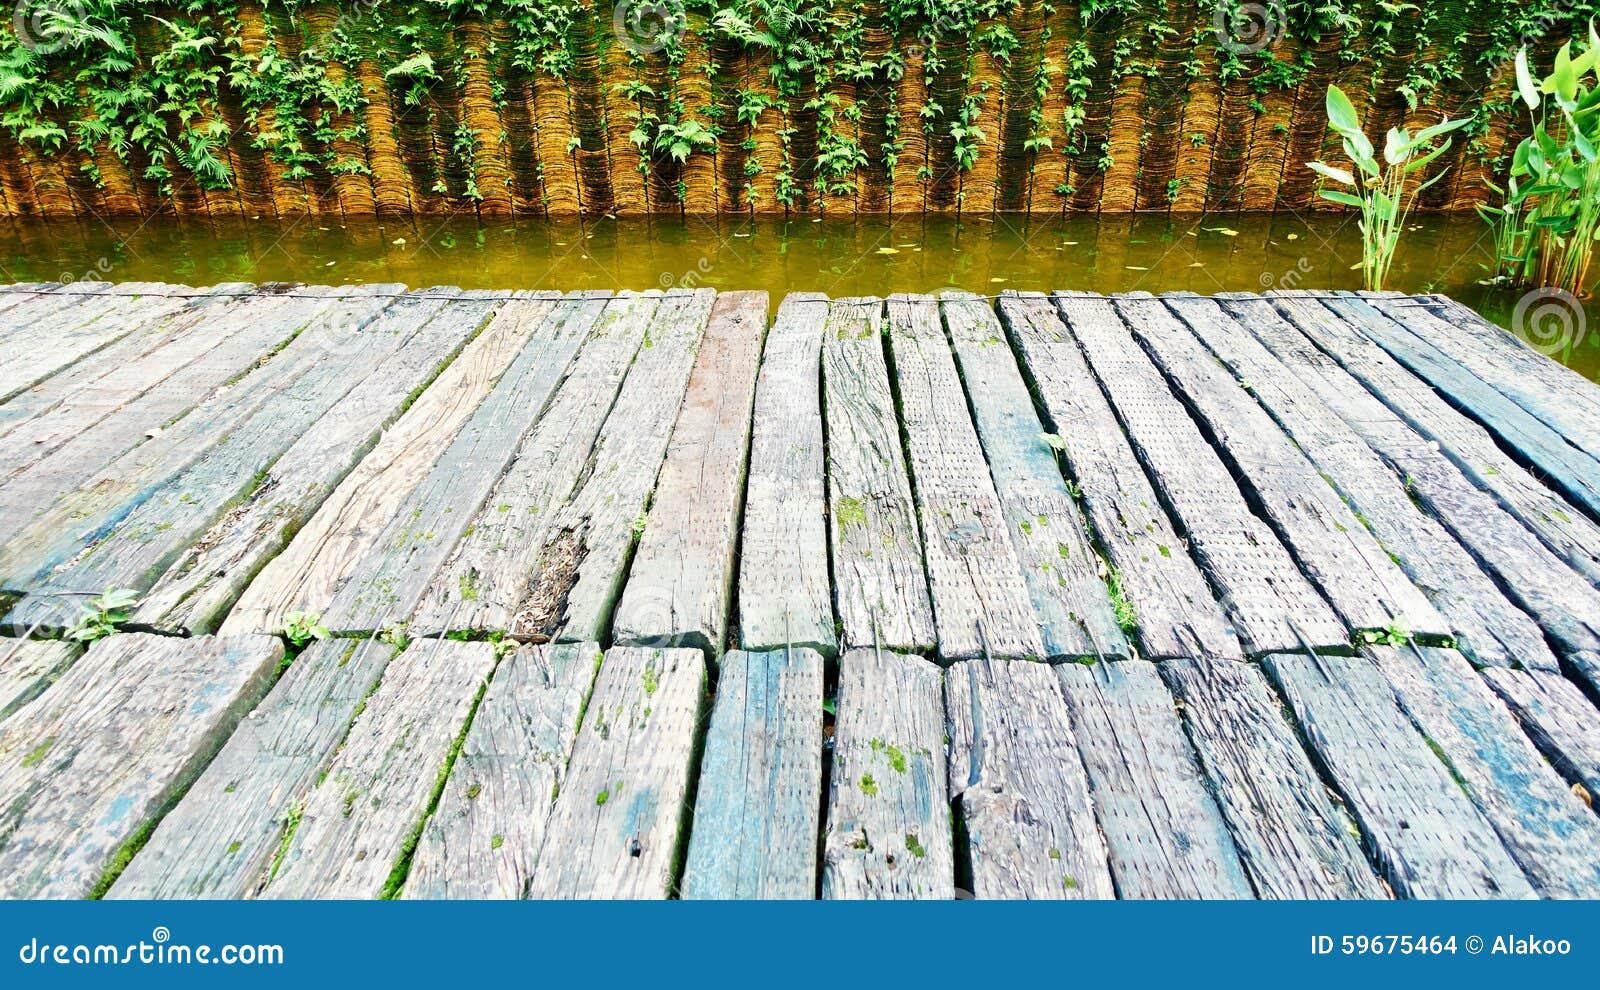 Wood deck wooden board